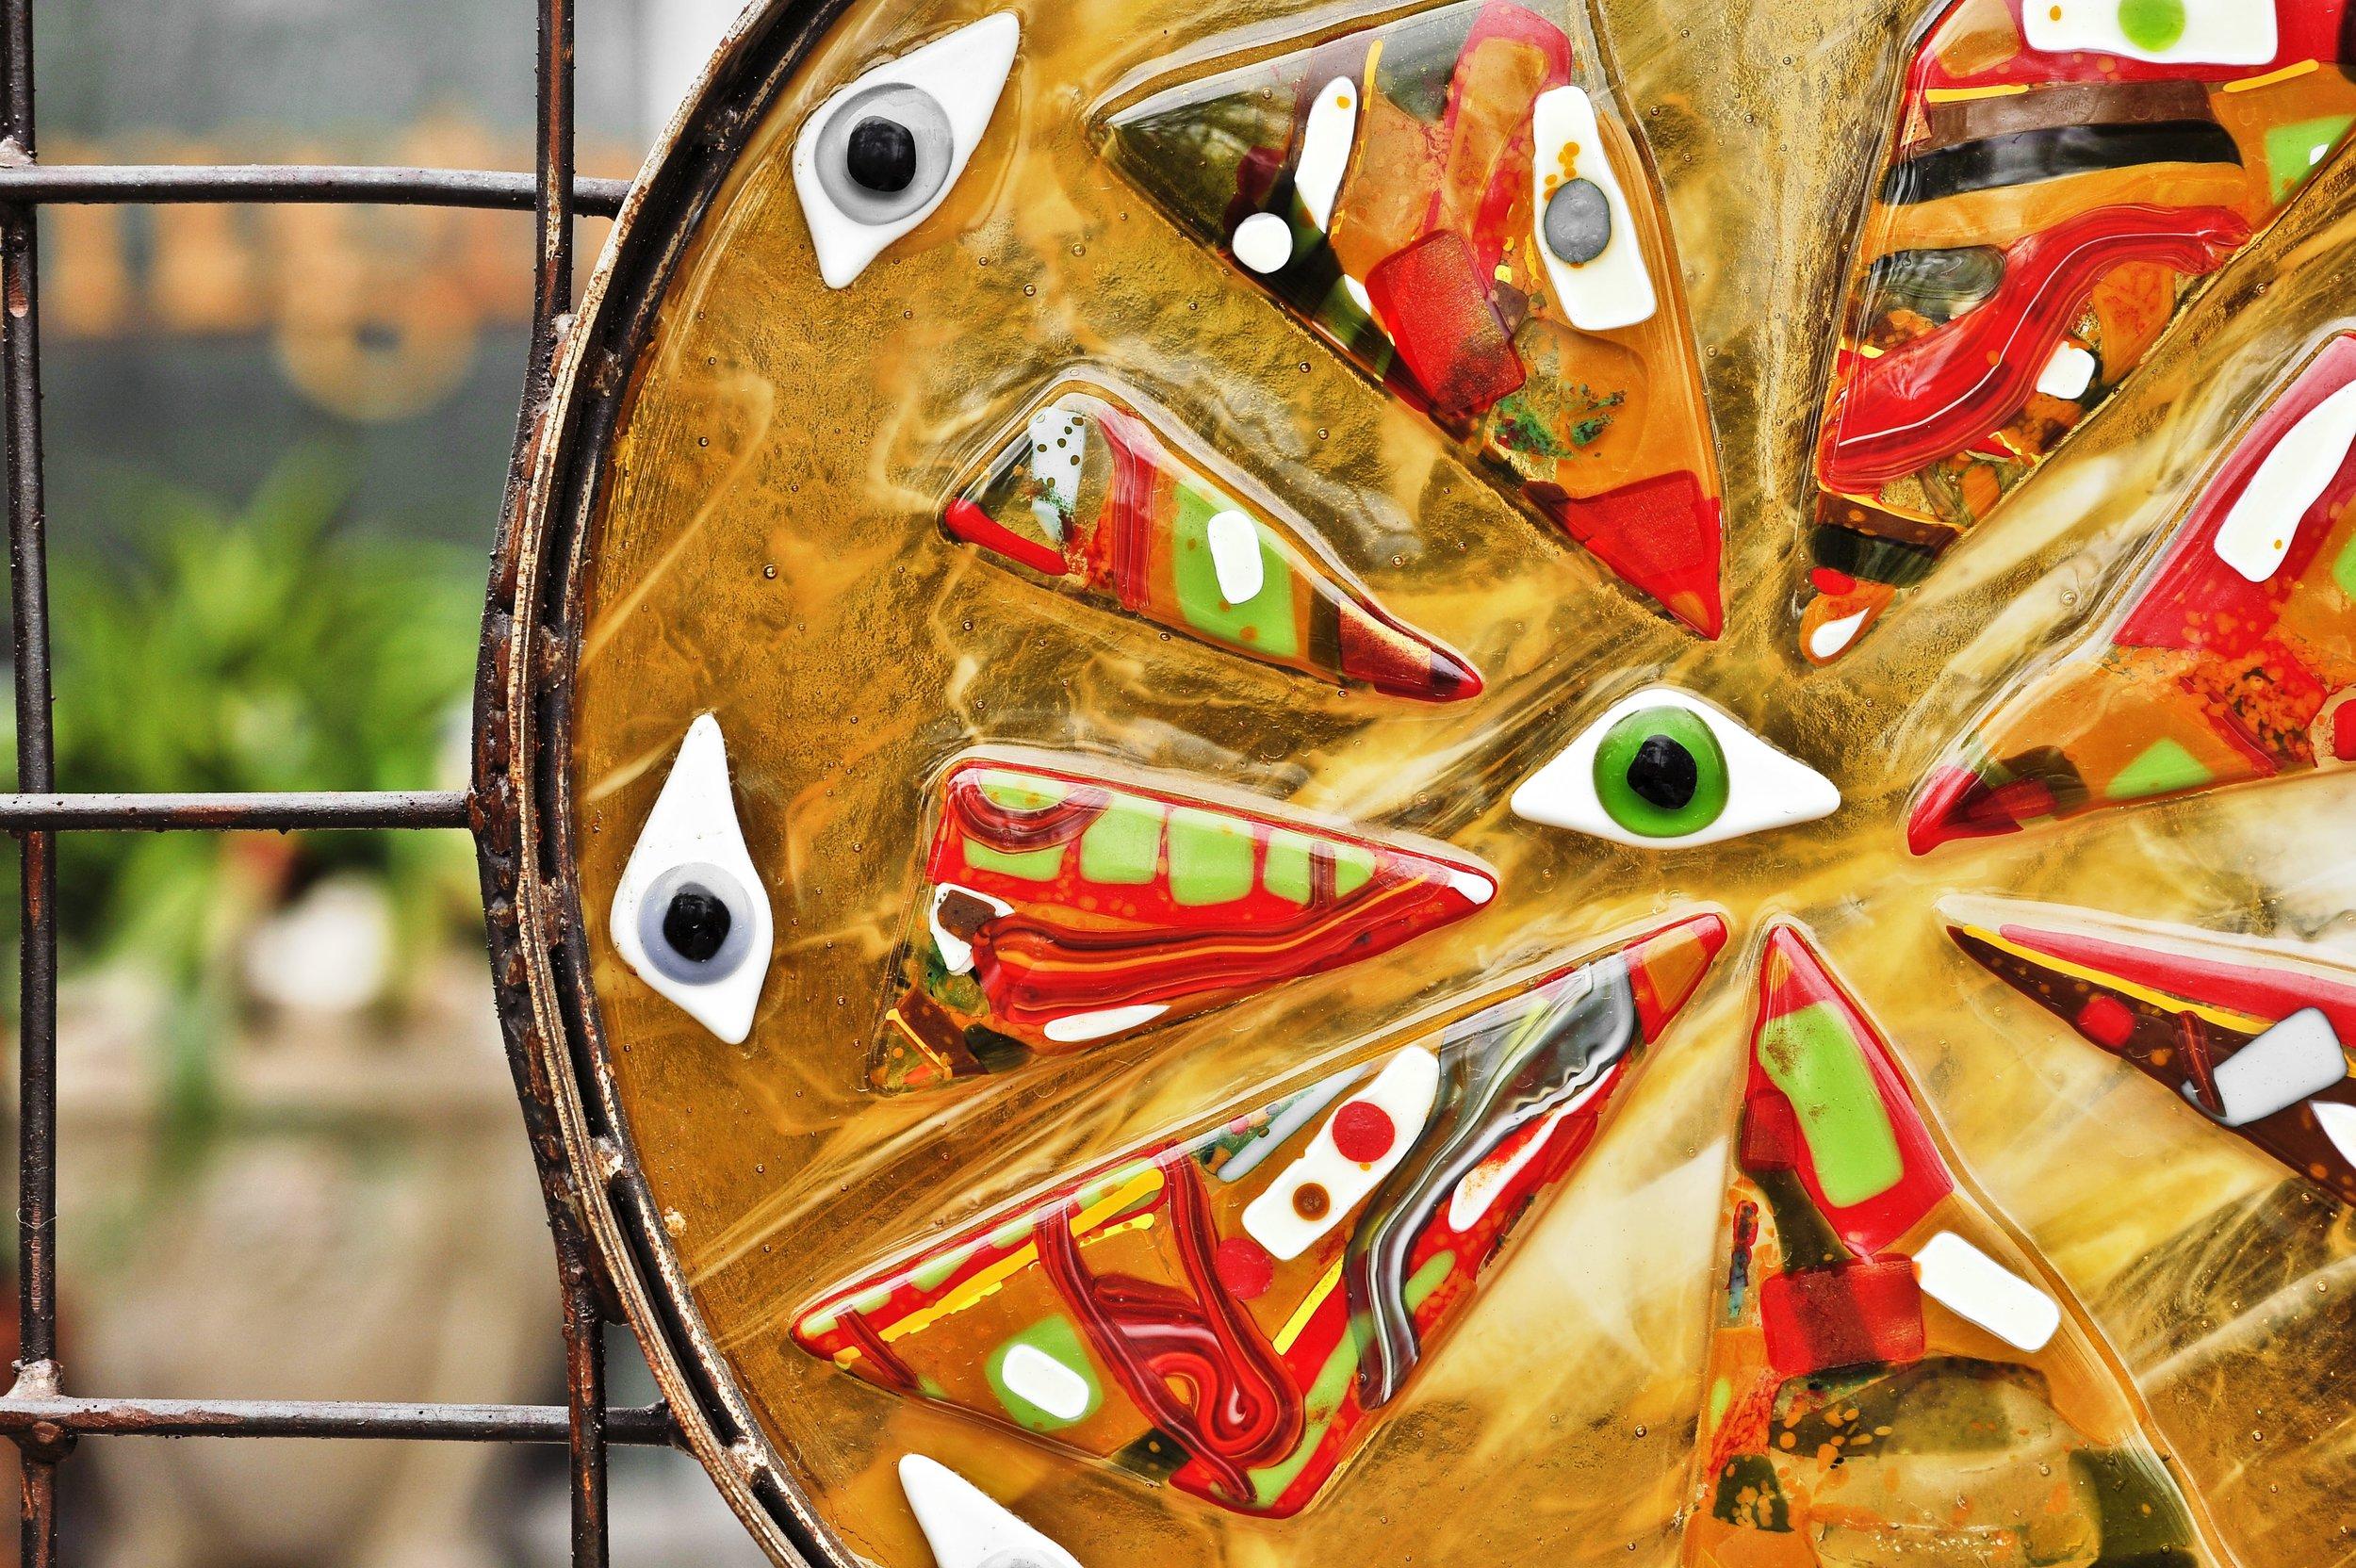 Evil Eye Gate RAW_5642.JPG